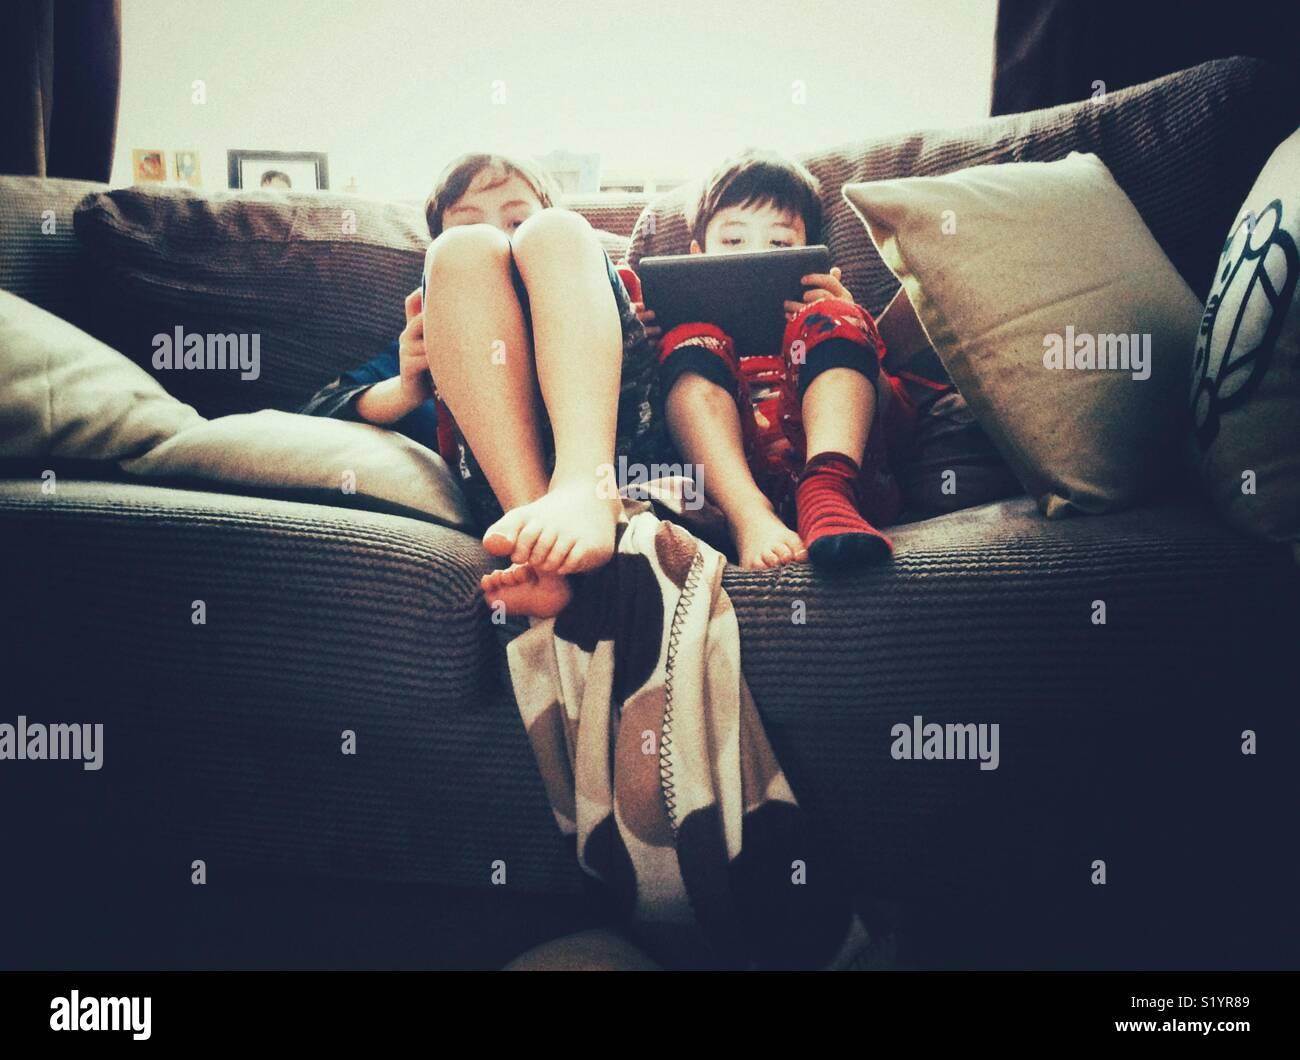 Zwei junge Brüder sassen zusammen auf einem Sofa Spiele spielen auf Tablet-PCs. Stockbild